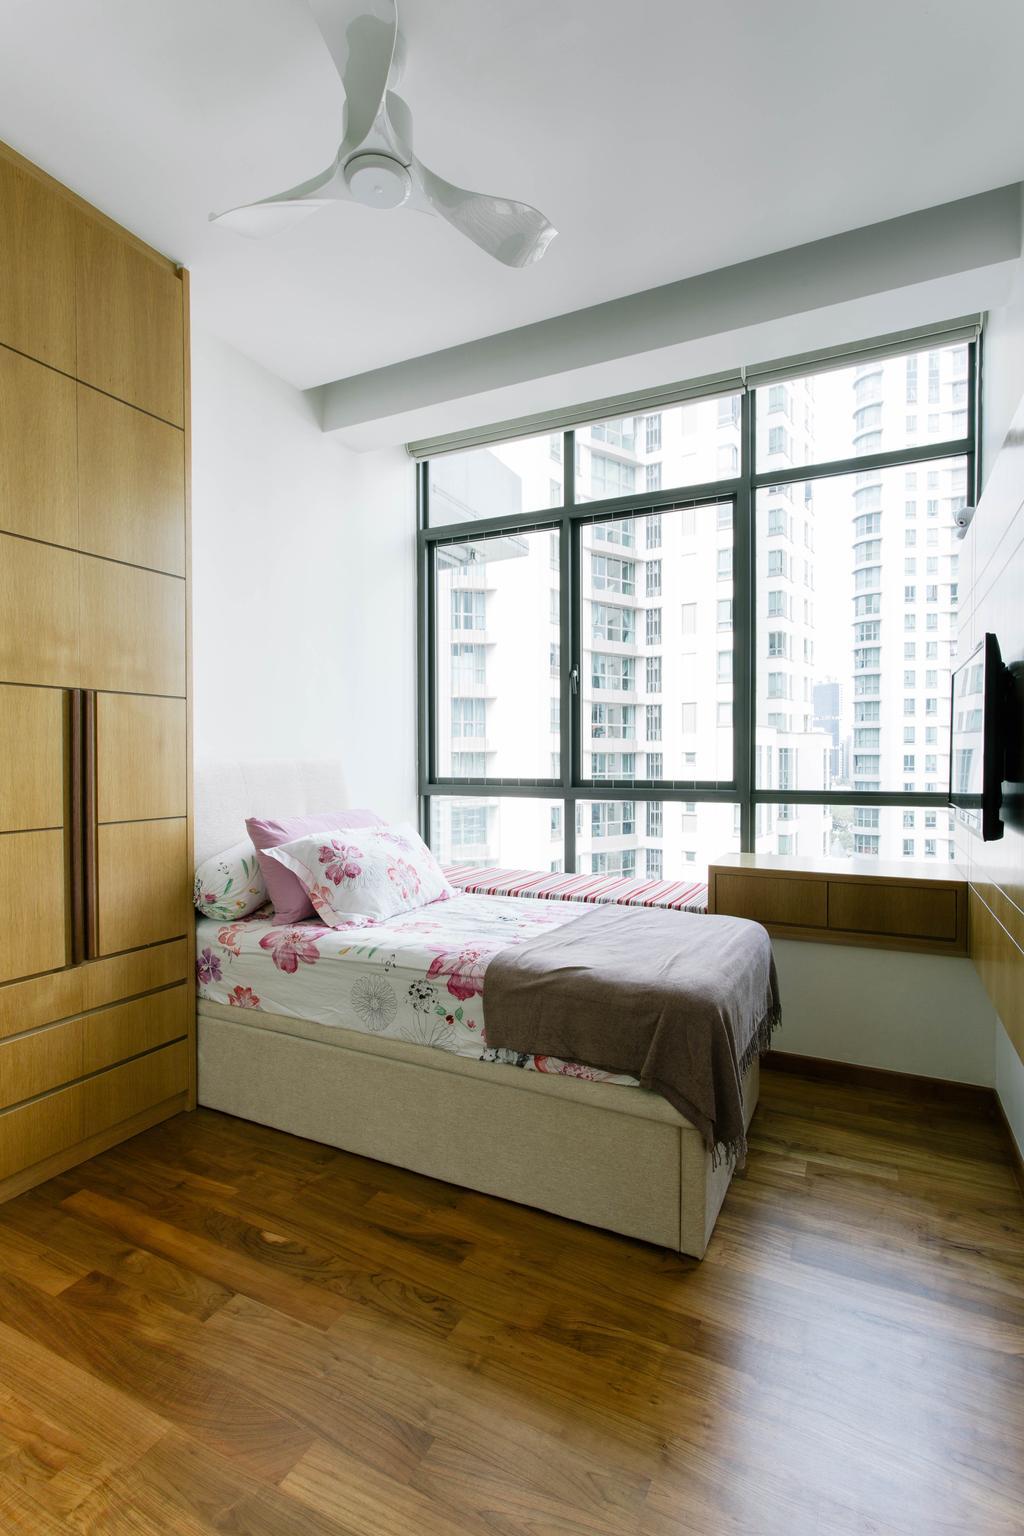 Contemporary, Condo, Bedroom, Surrey Road, Interior Designer, Designe Couture, Vintage, Bay Window, Window Ledge, Storage On Bay Window, Parquet Flooring, Kids Room